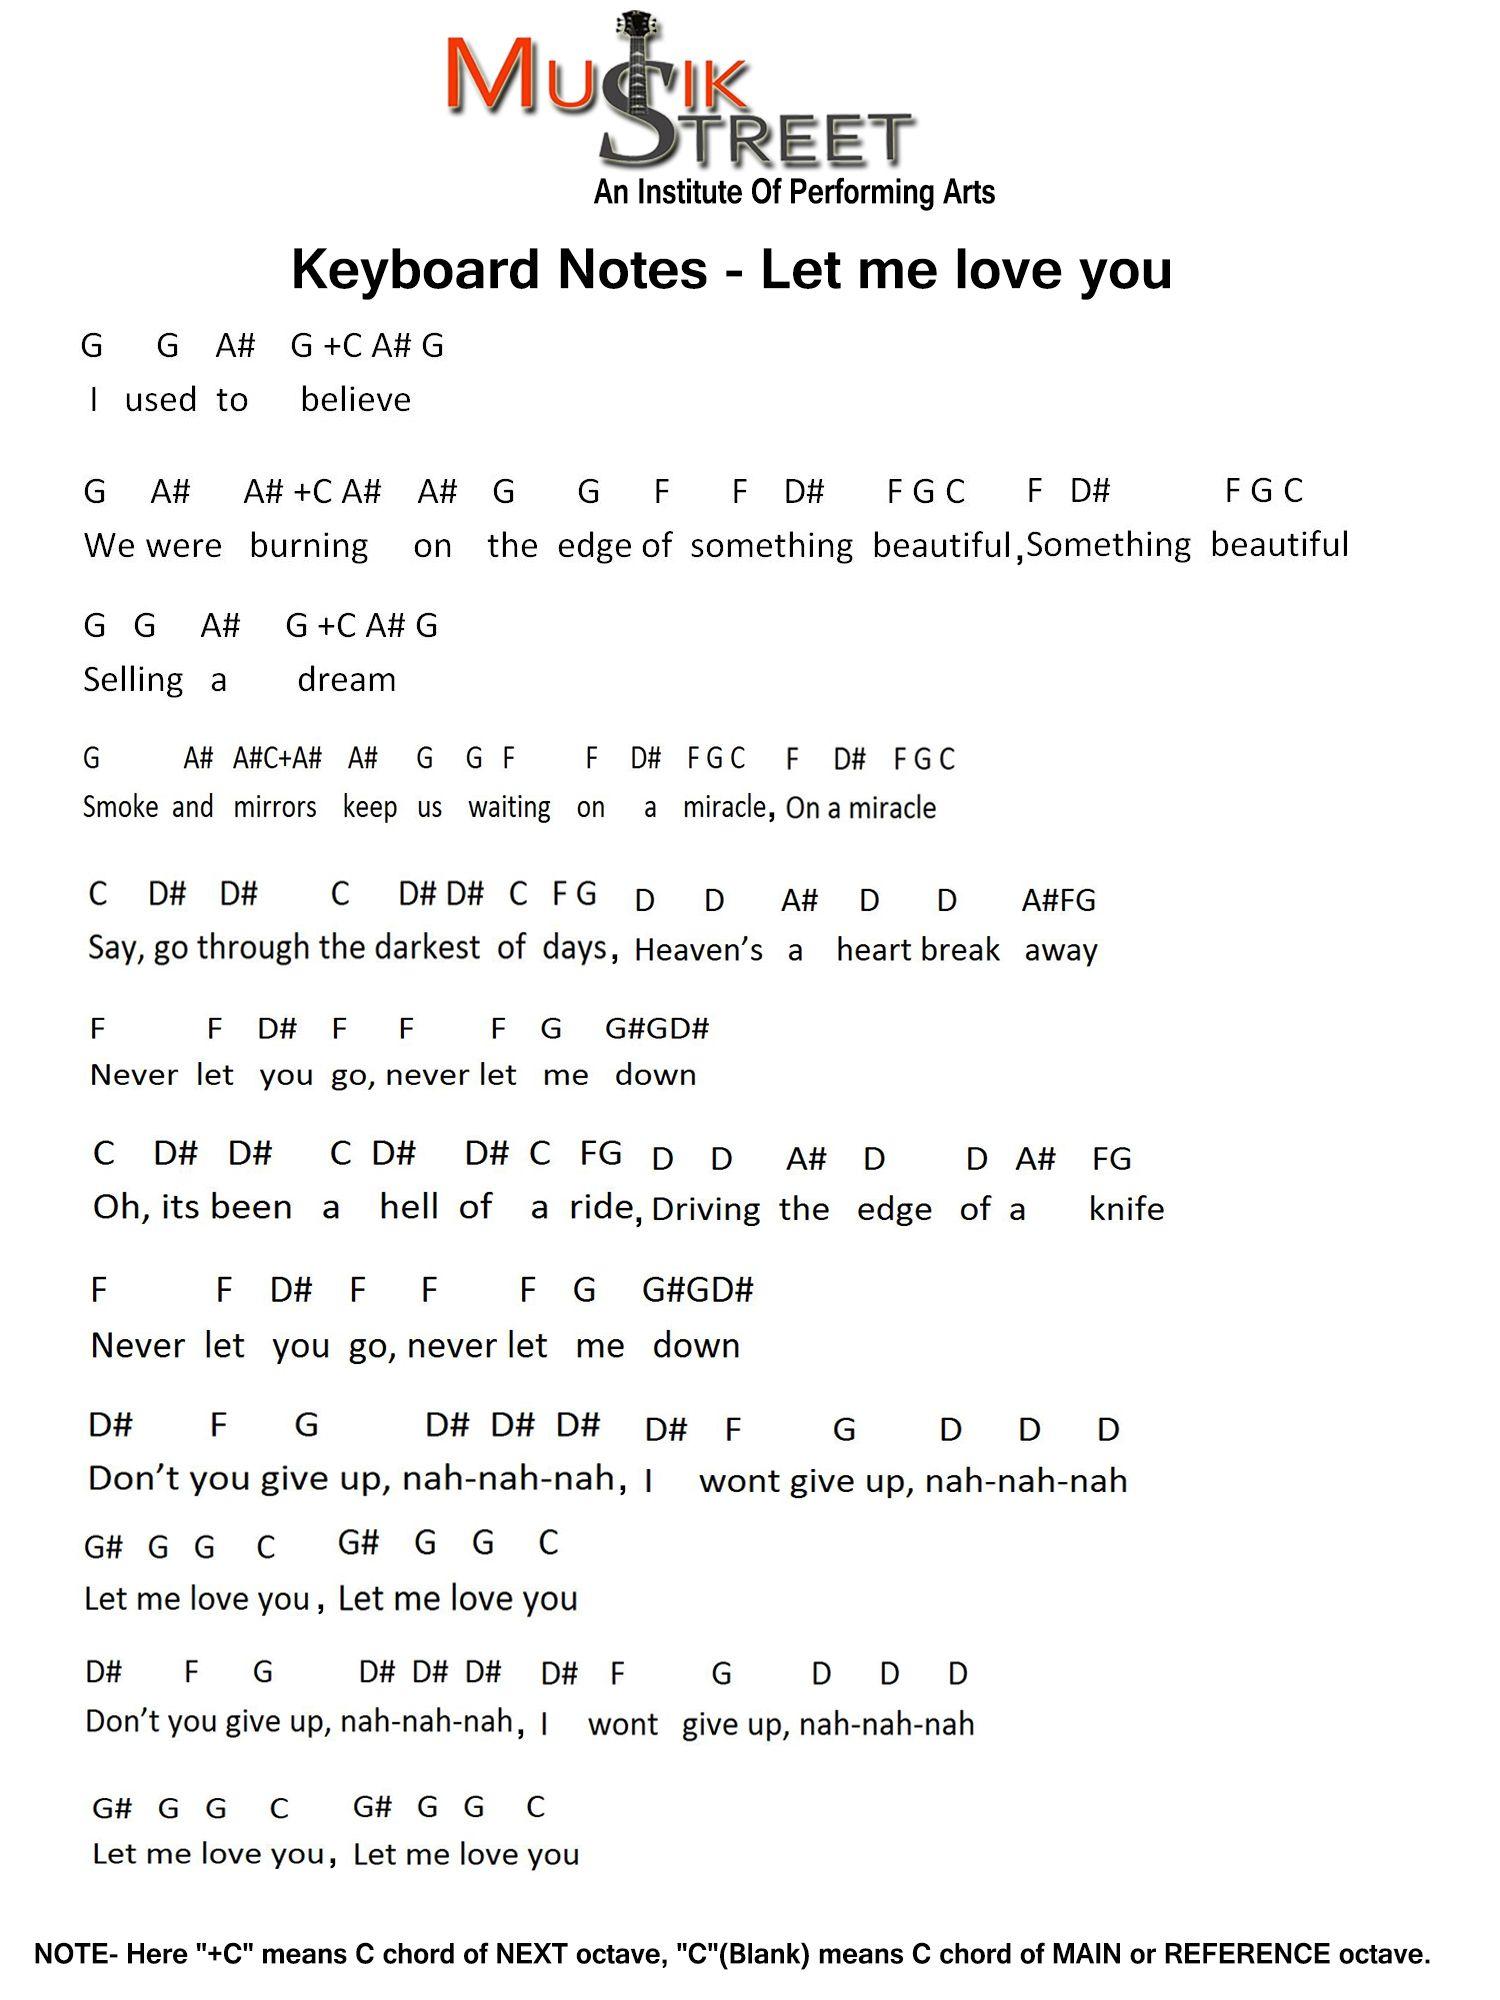 keyboard/Piano notation of song